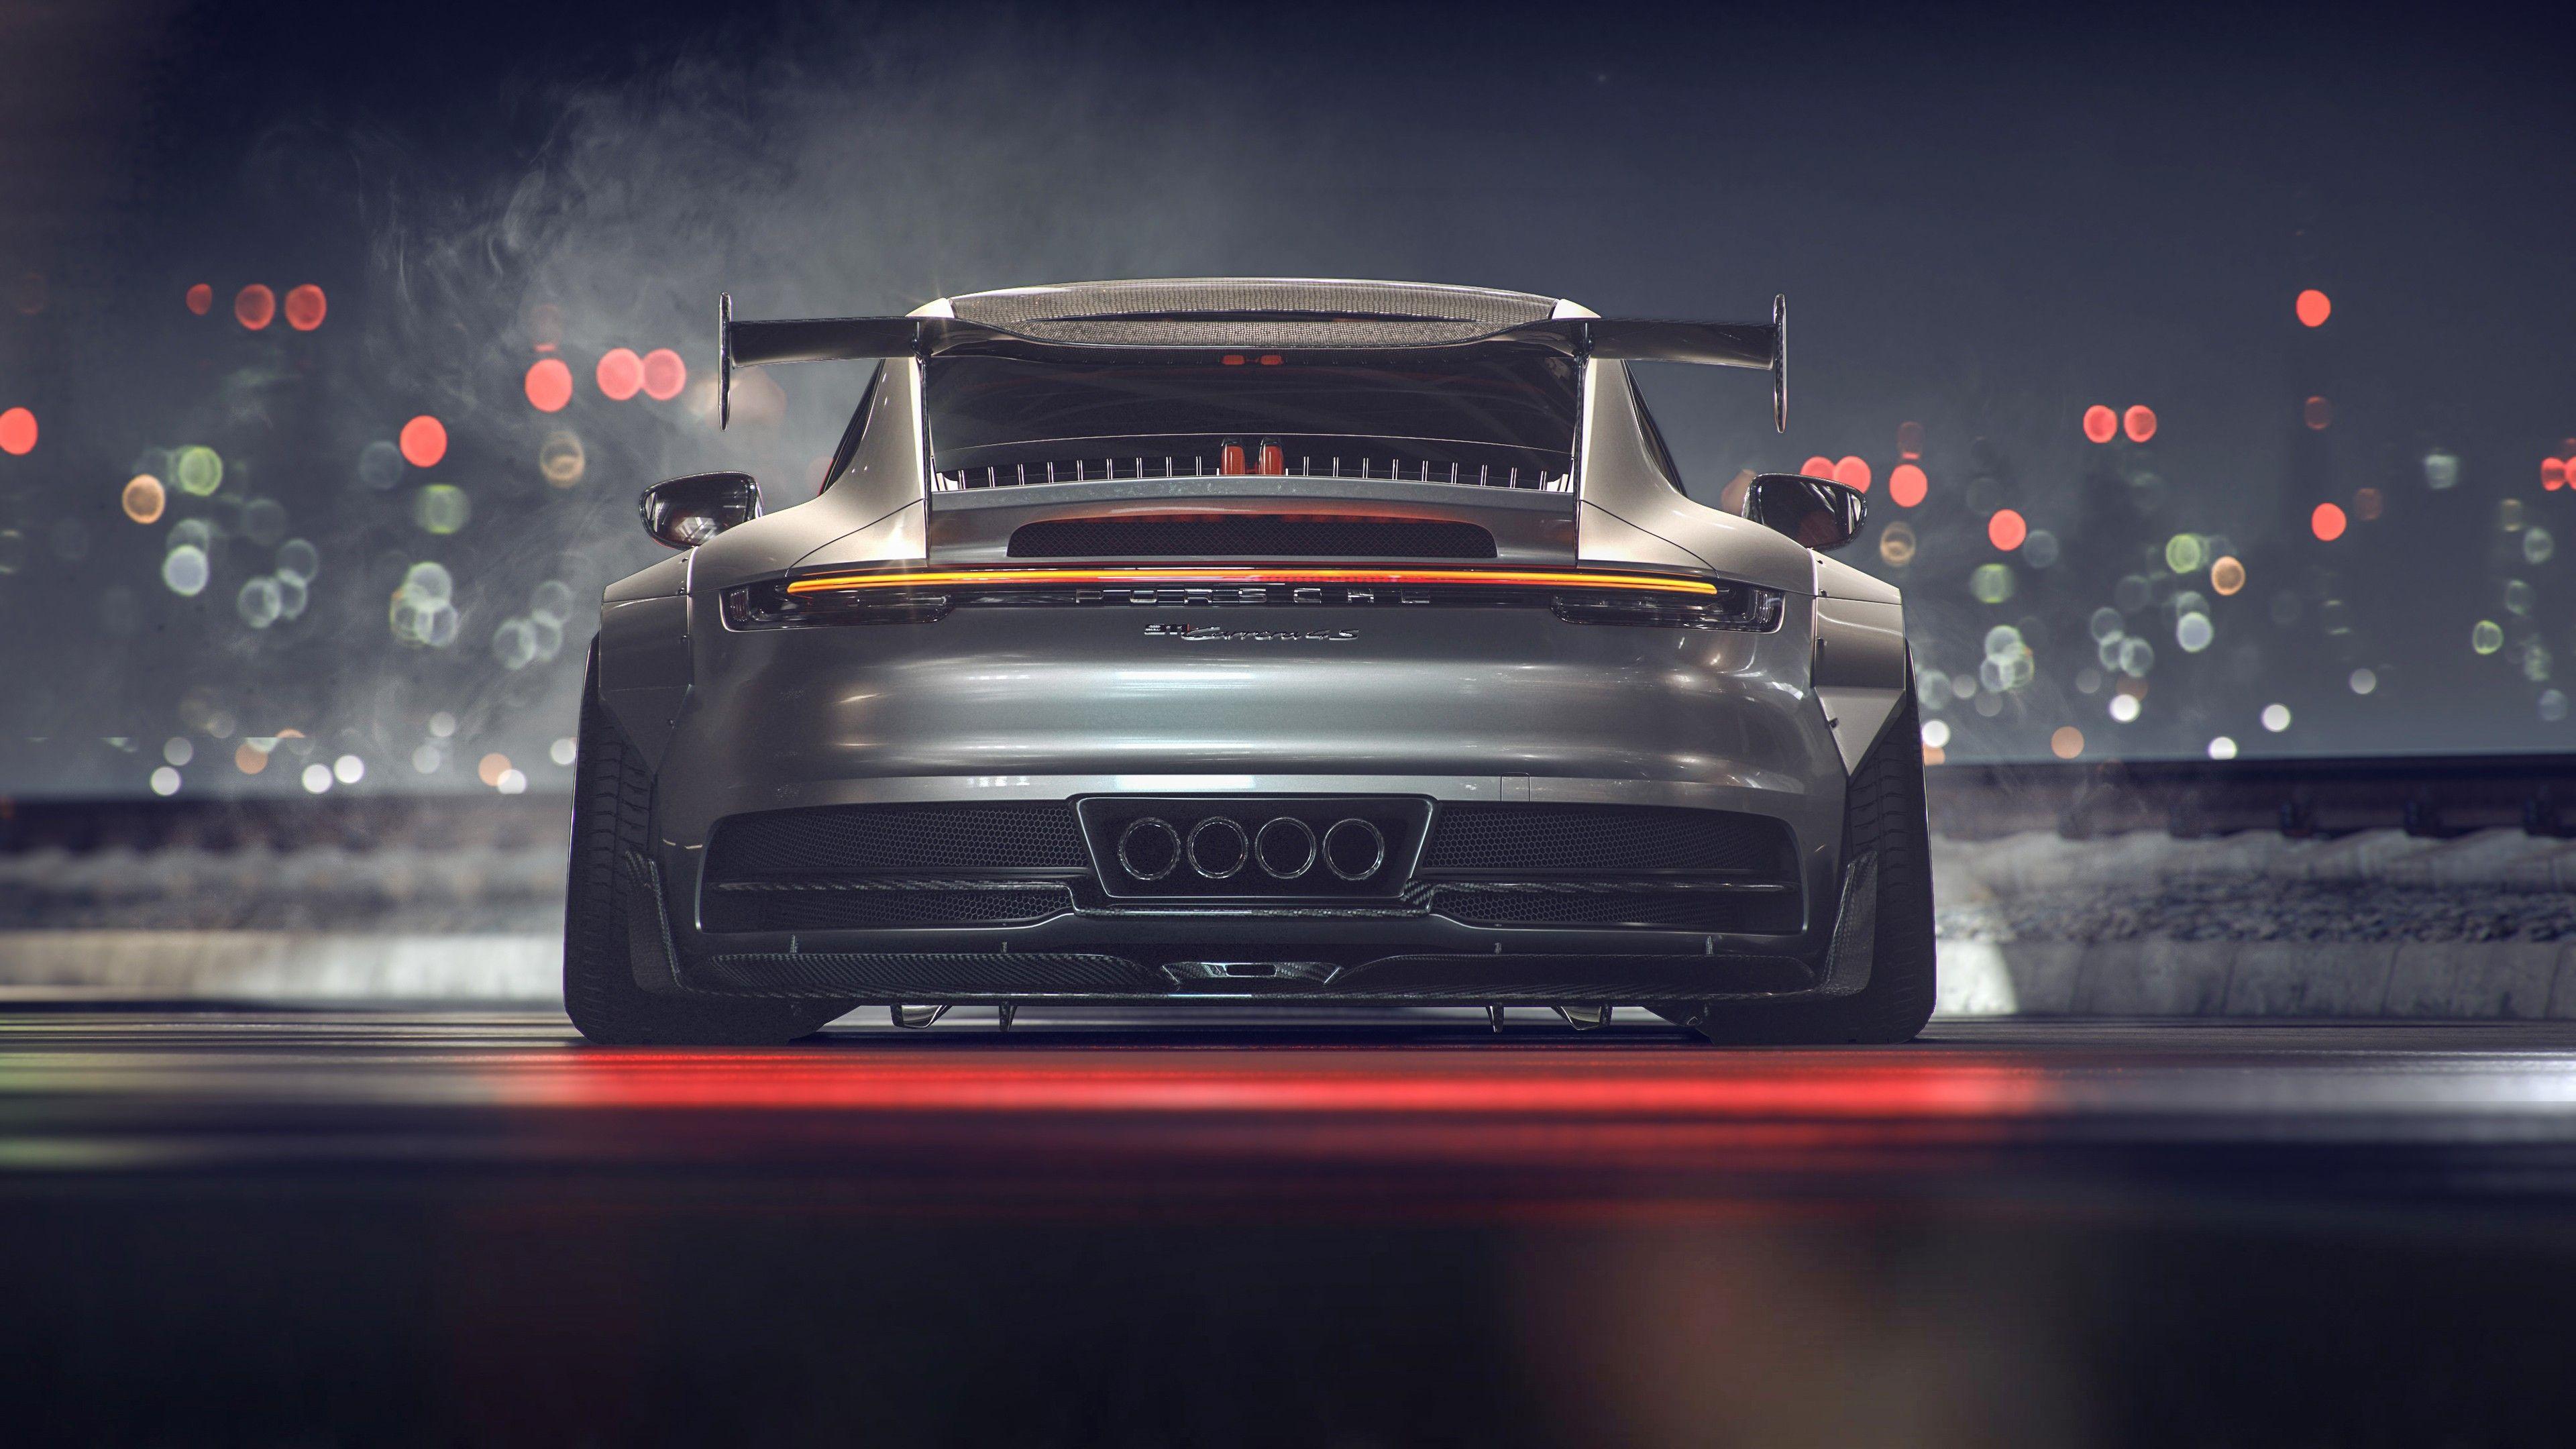 Das Auto HD Wallpaper Hintergrund Bild Porsche Spitzen